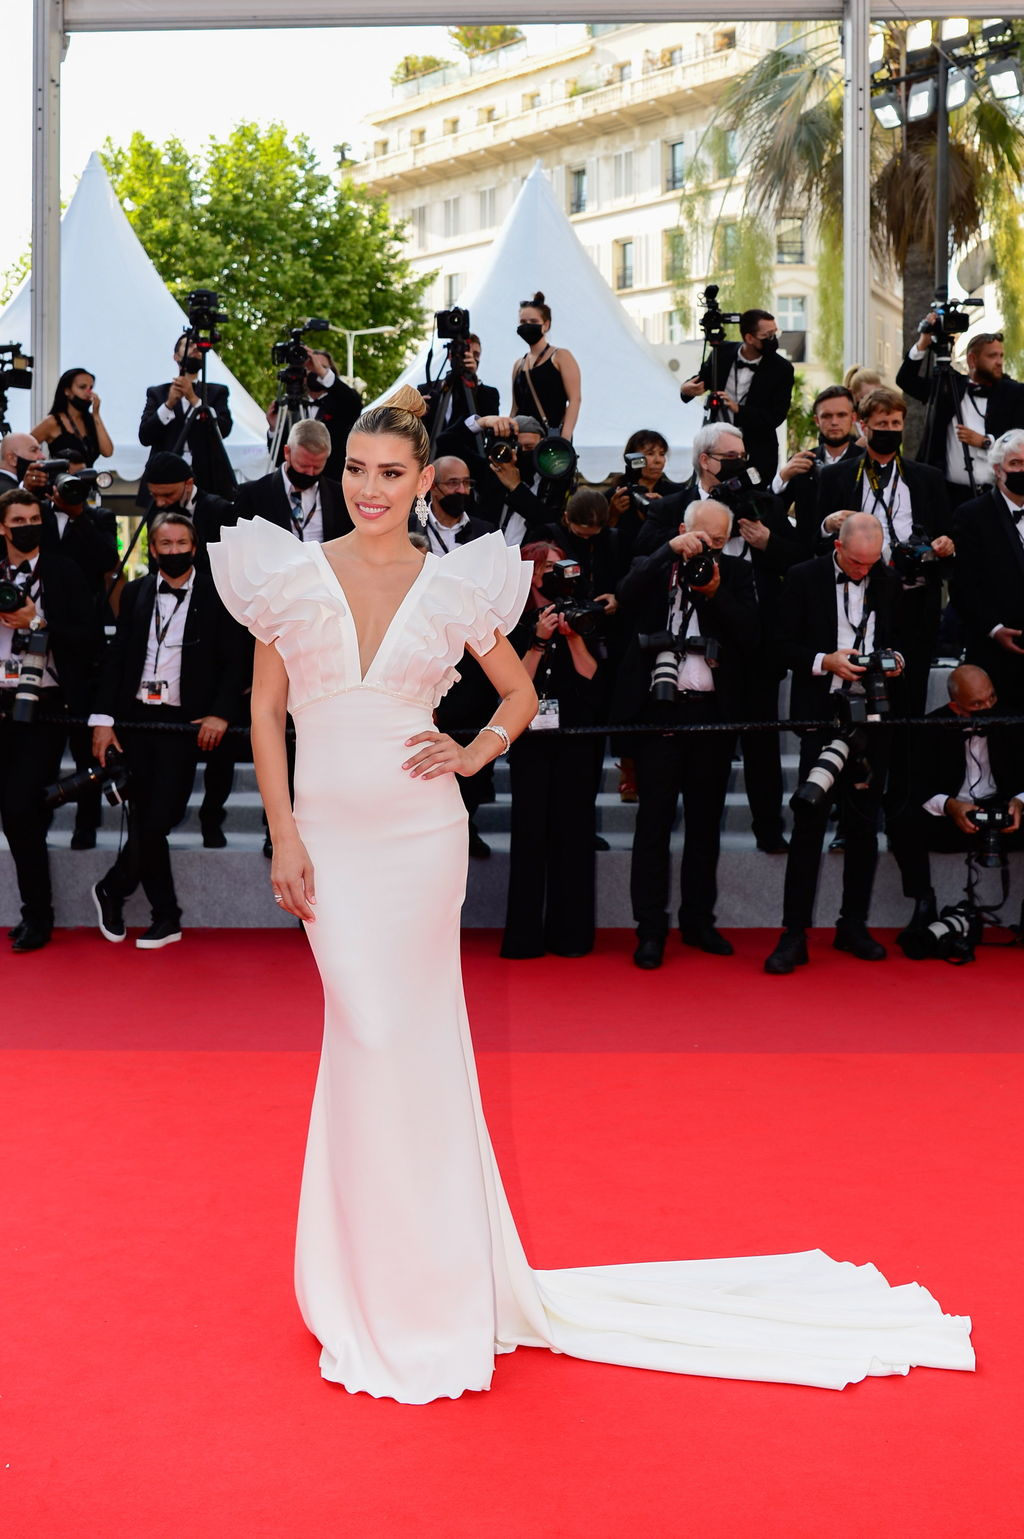 Michelle Salas sorprende con su belleza en Cannes